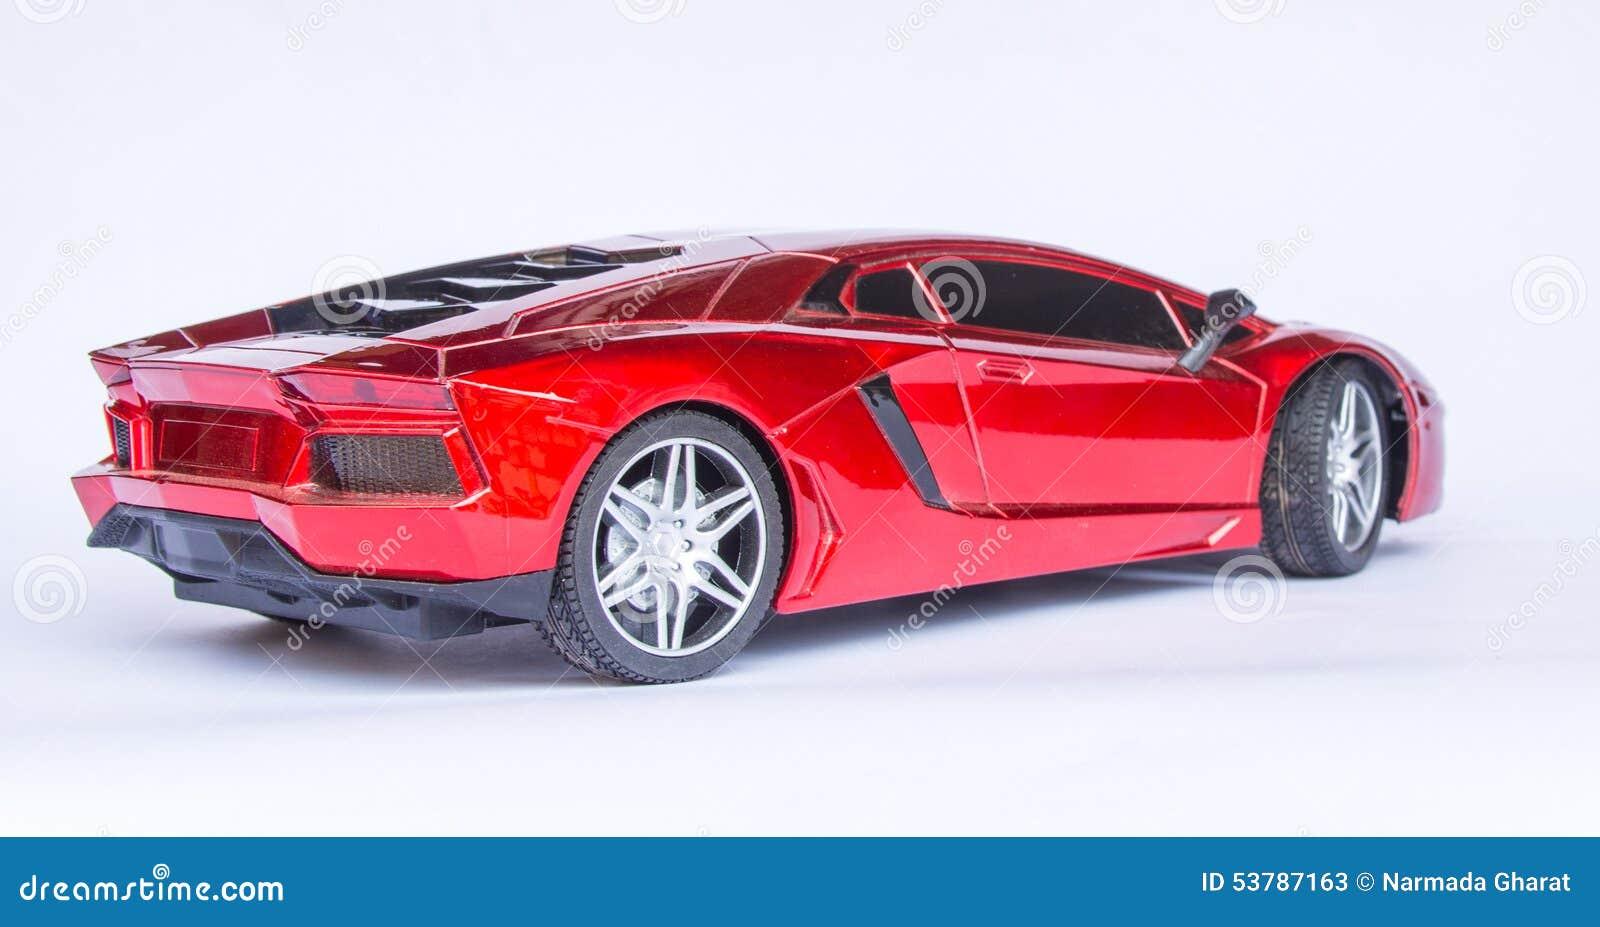 Lamborghini Sports Car Stock Photo - Image: 53787163